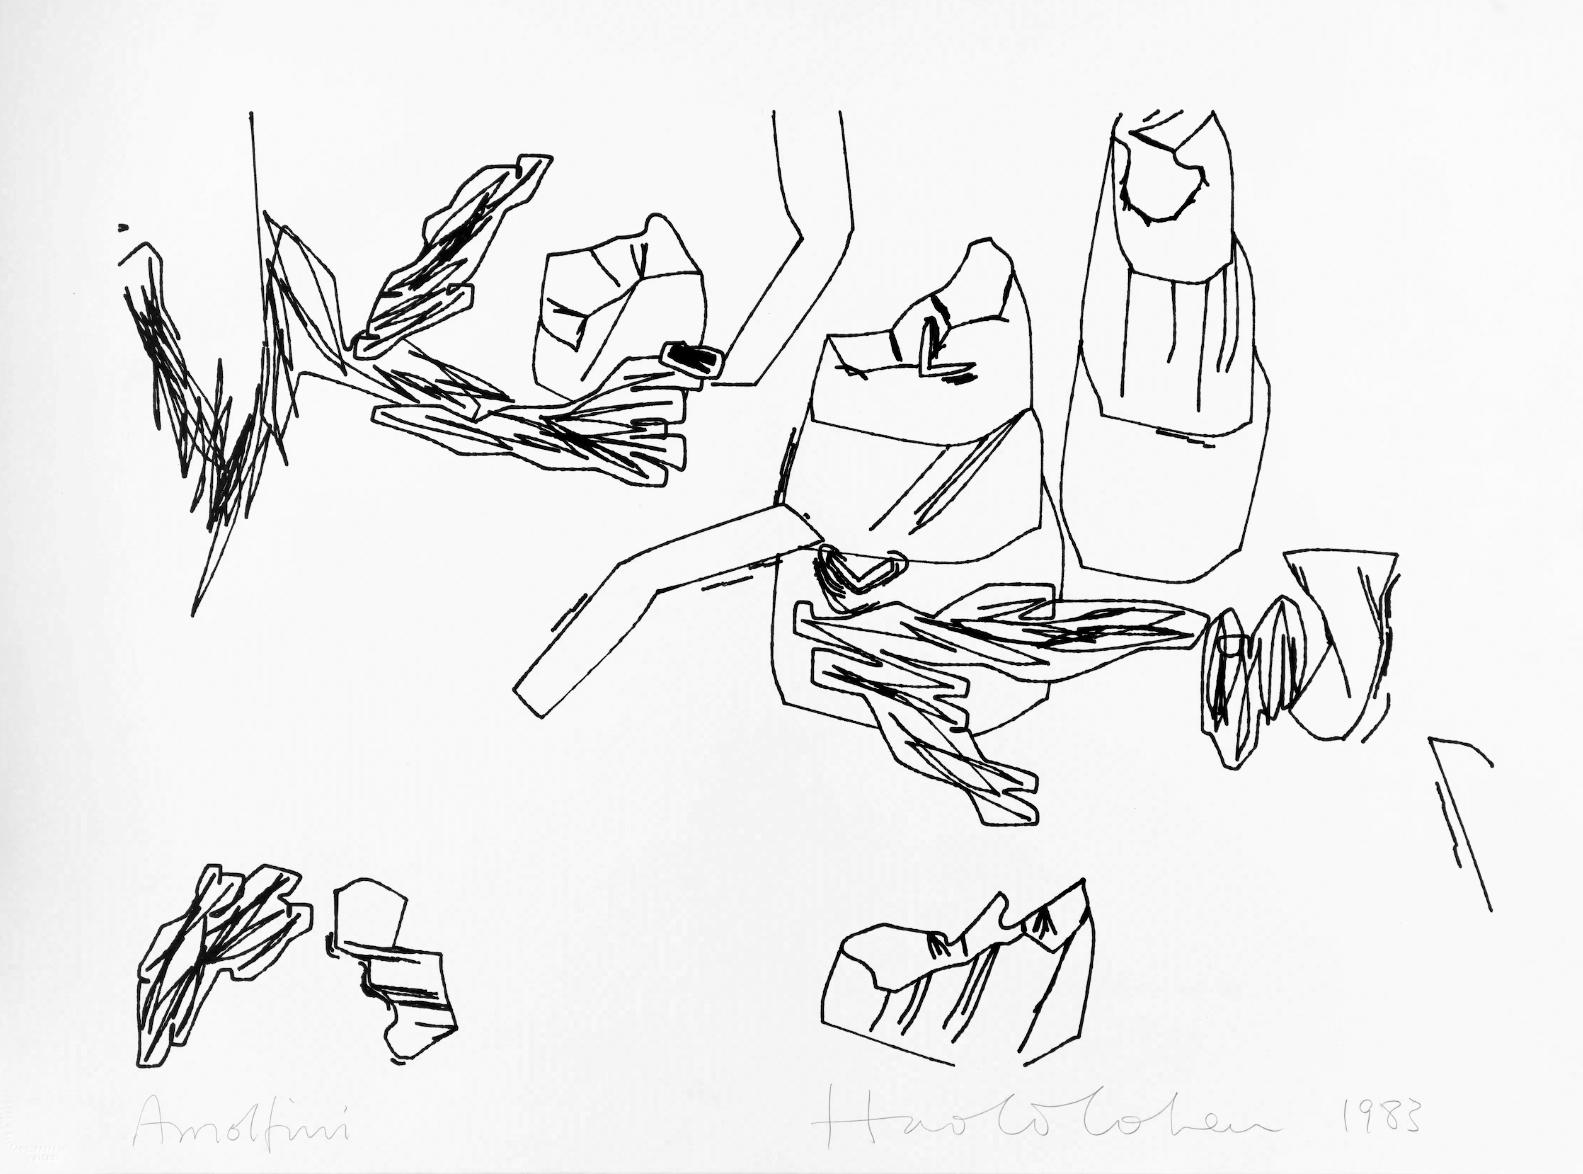 Plotterzeichnung, Tinte auf Papier,  Harold Cohen, 1983